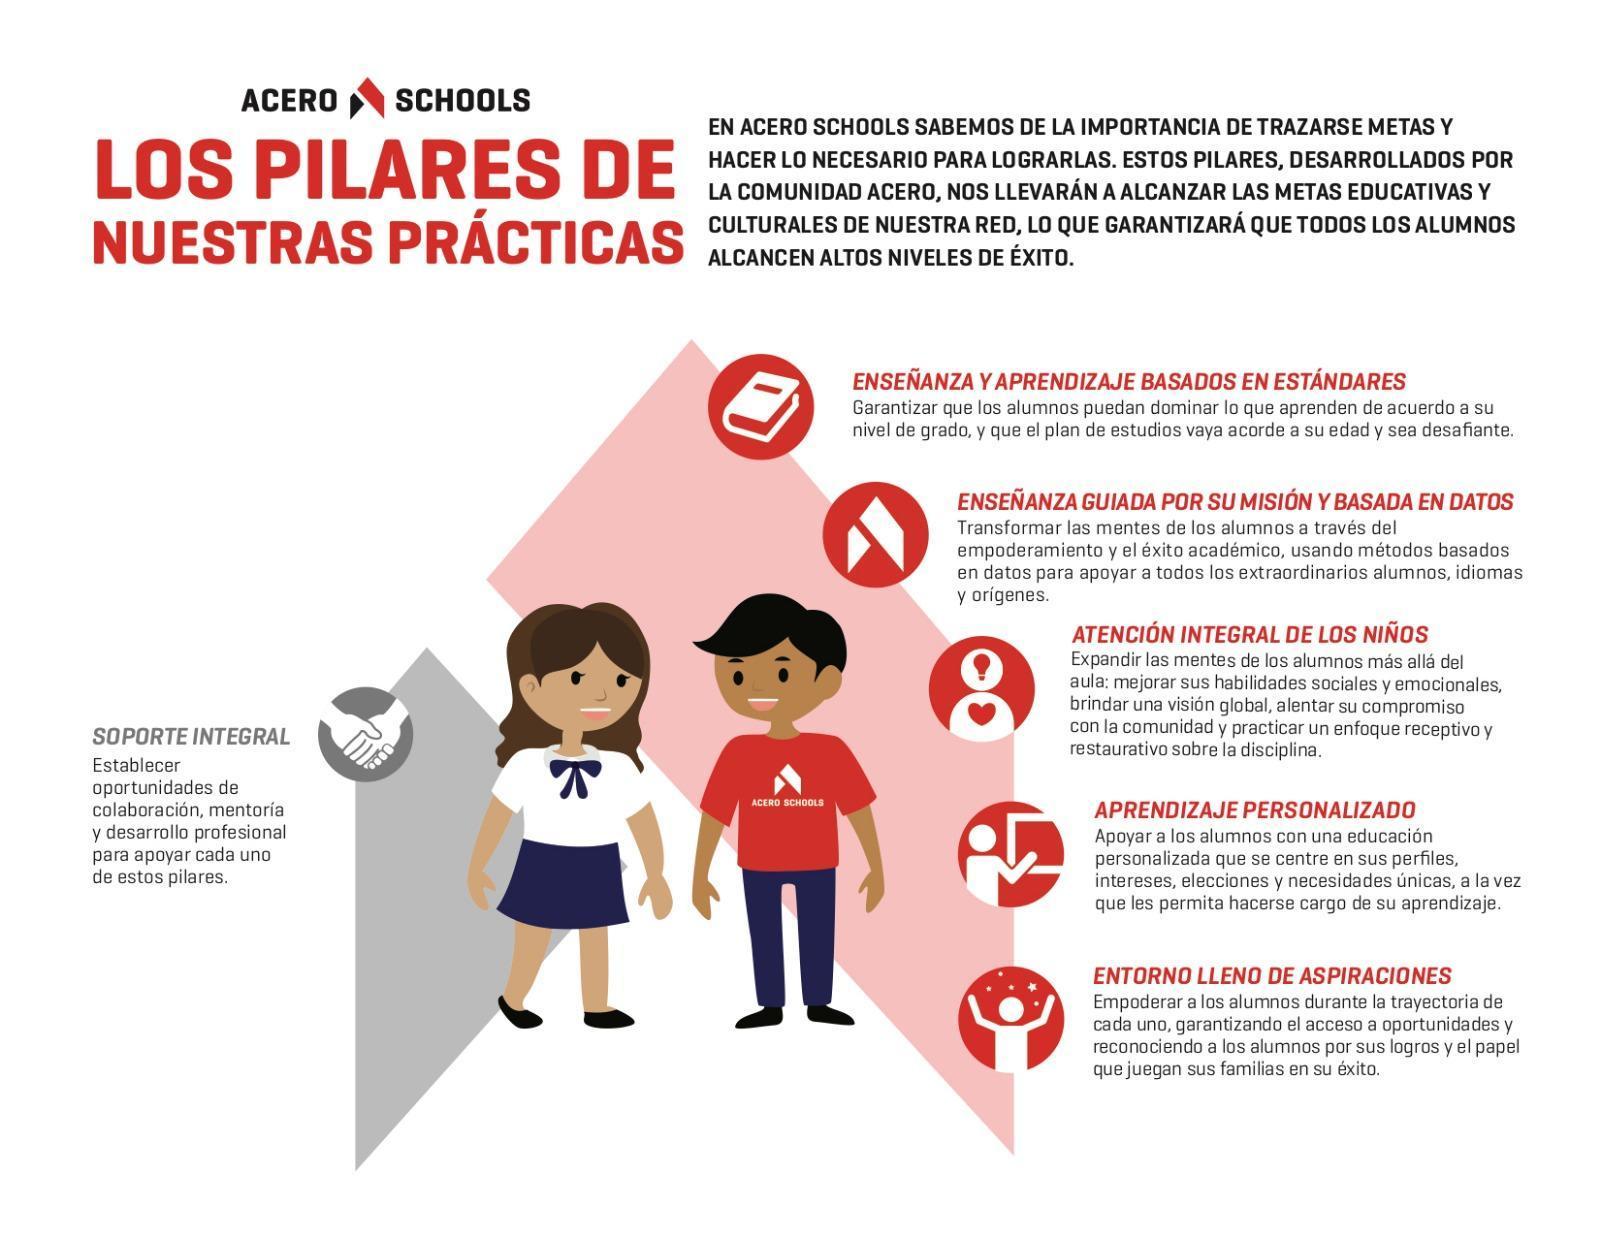 Pillars of Practice